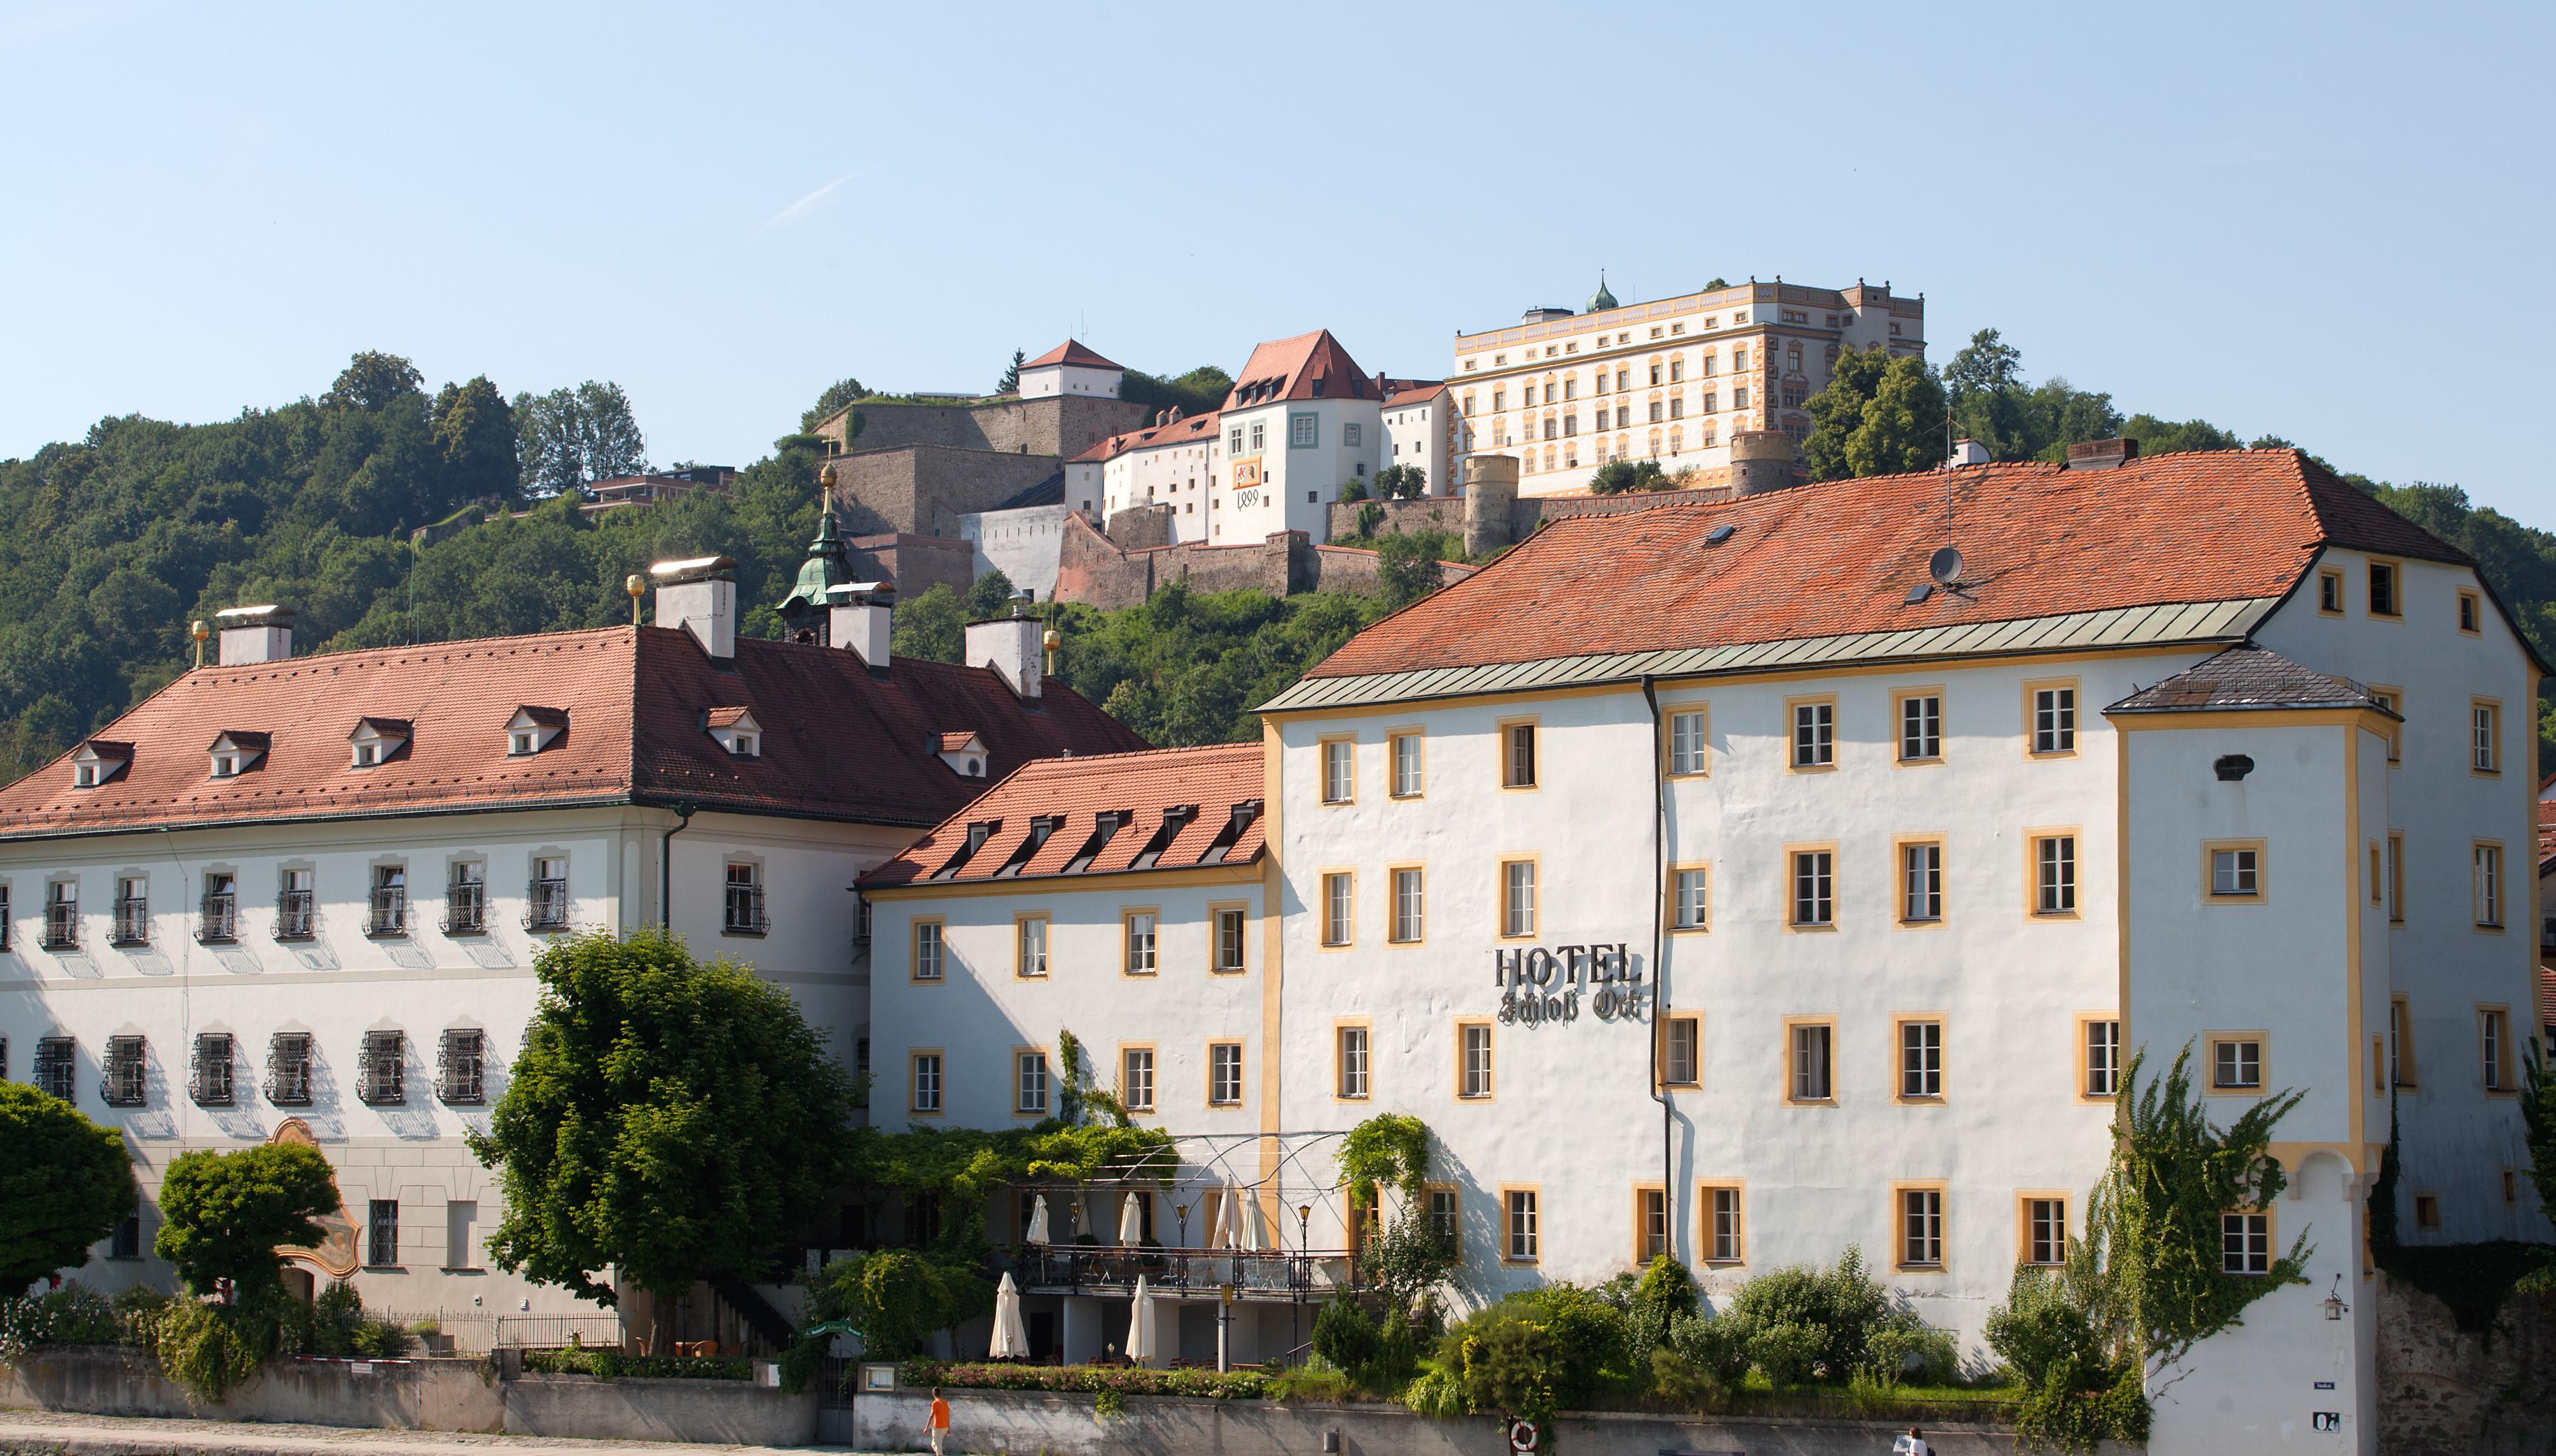 Das Hotel Ort in Passau